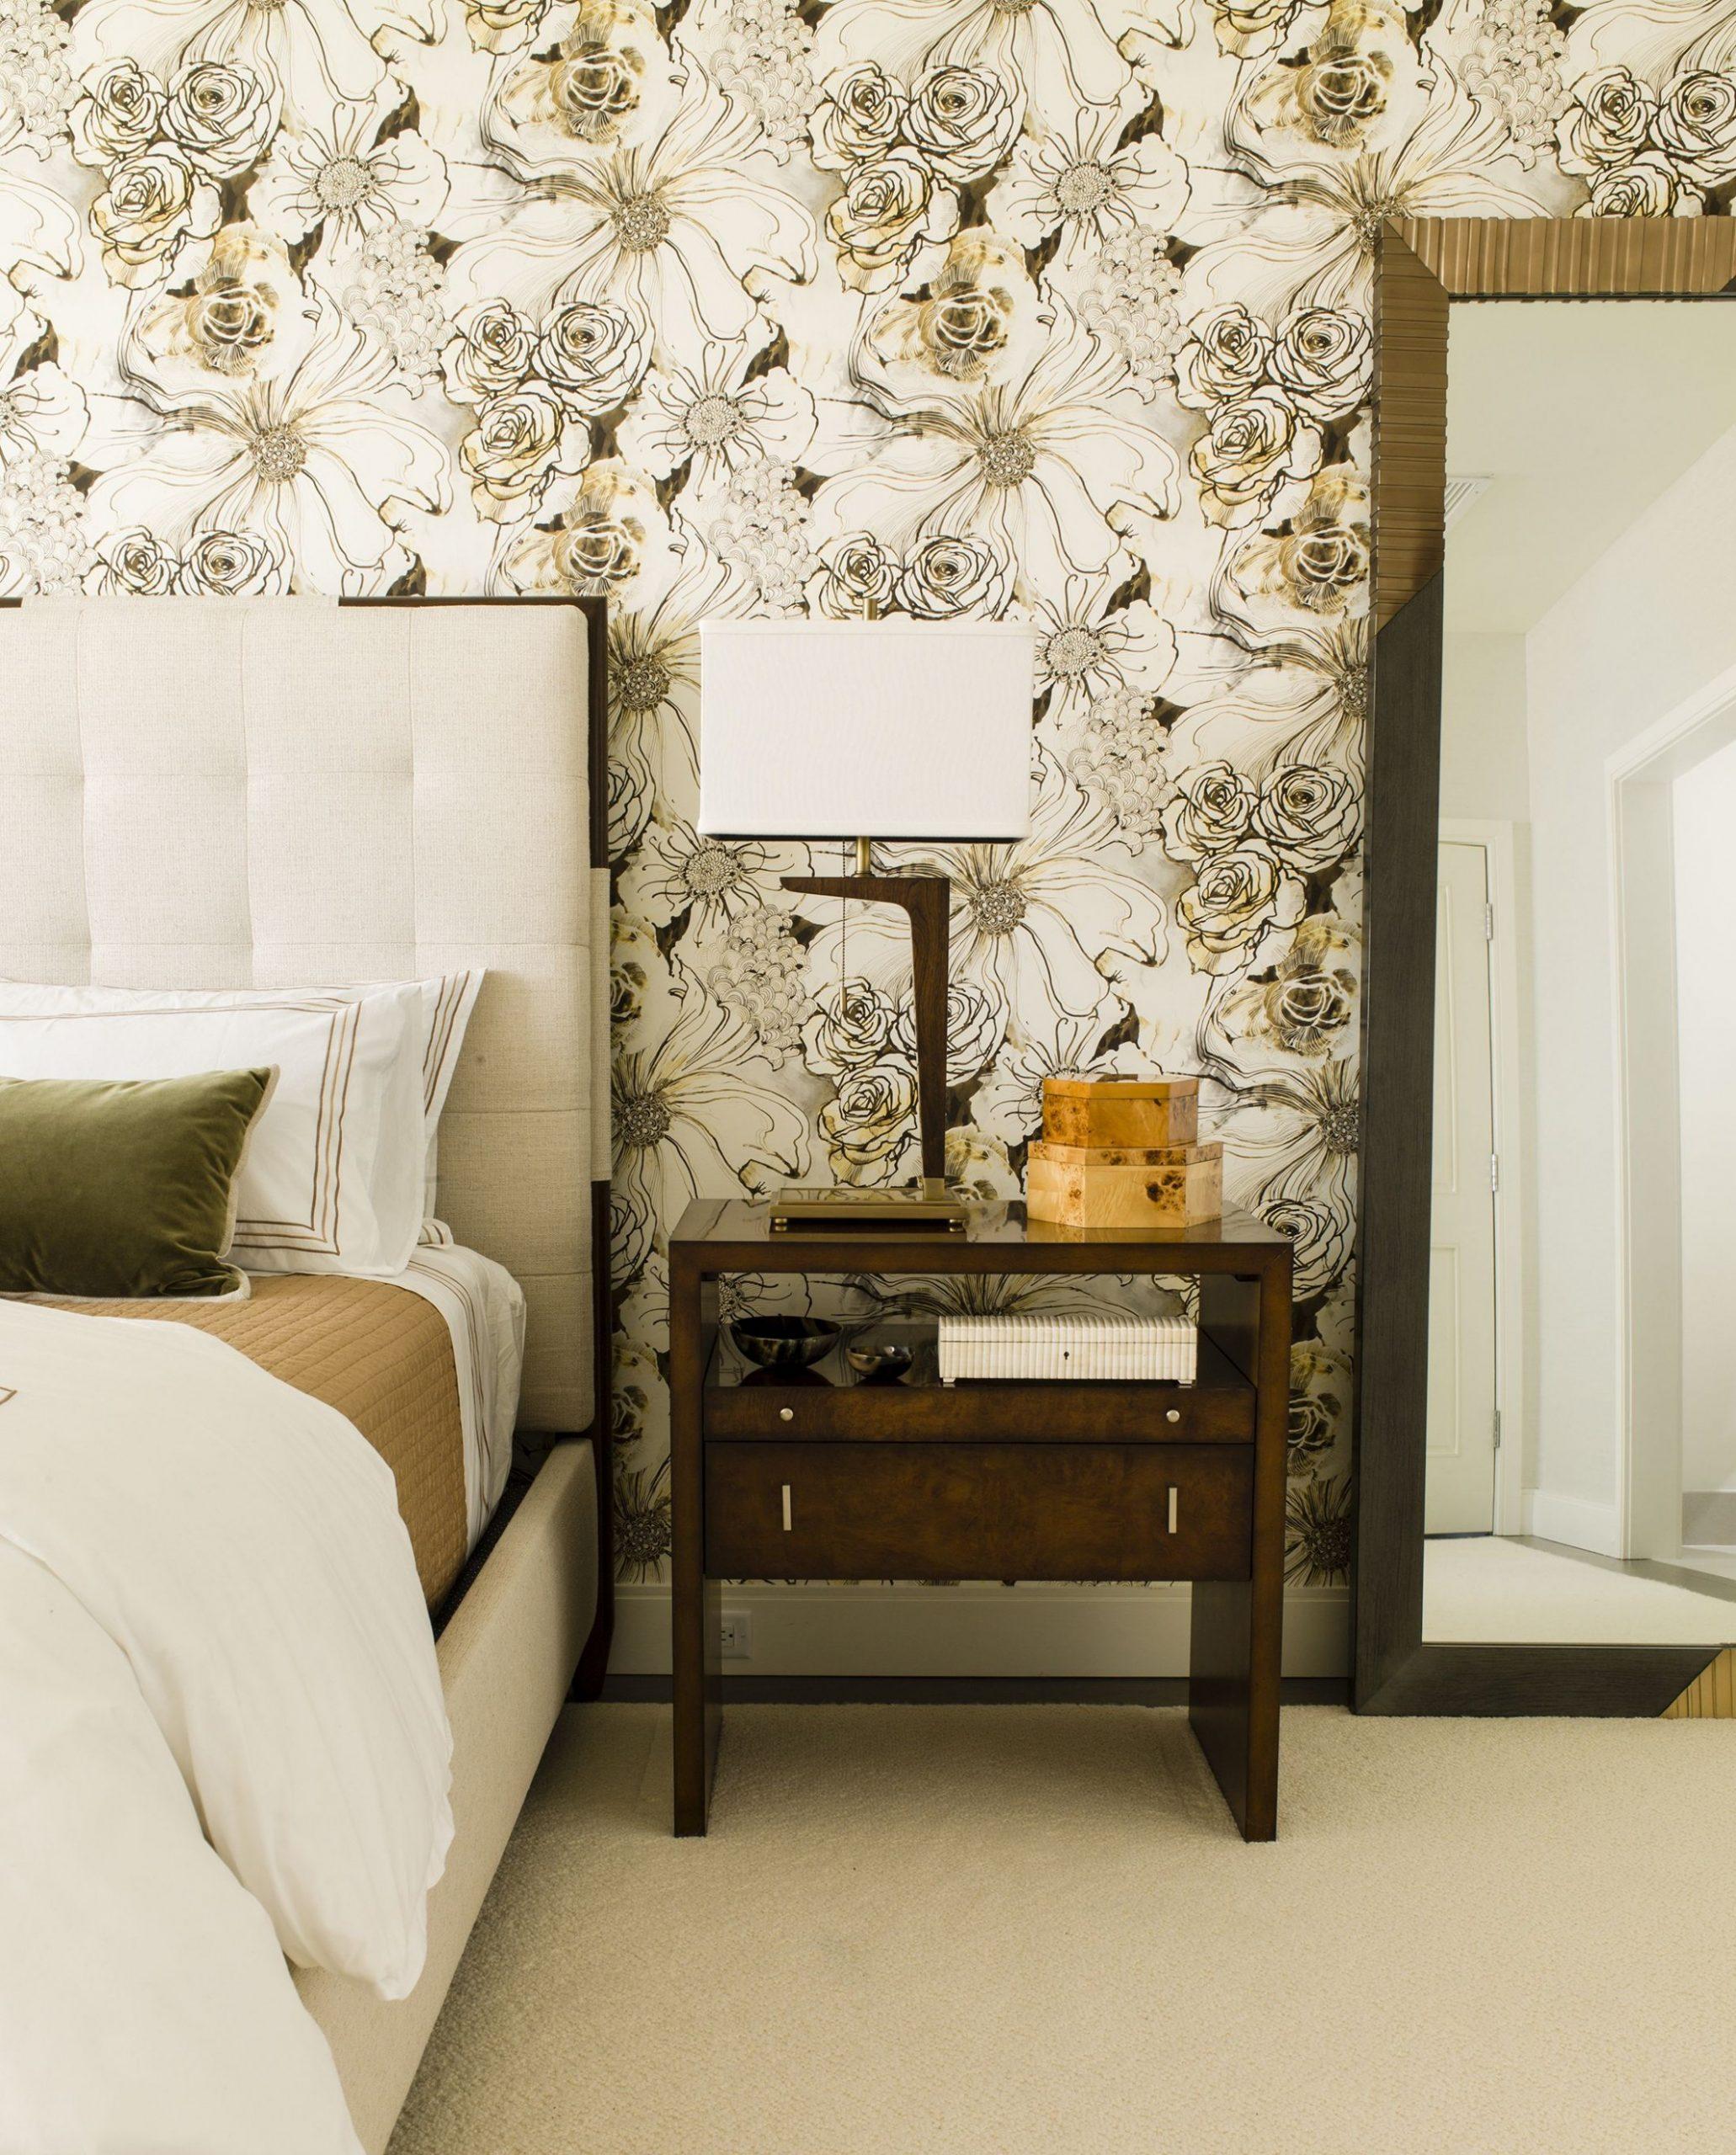 11 Bedroom Wallpaper Ideas - Statement Wallpapers We Love - Bedroom Ideas Wallpaper